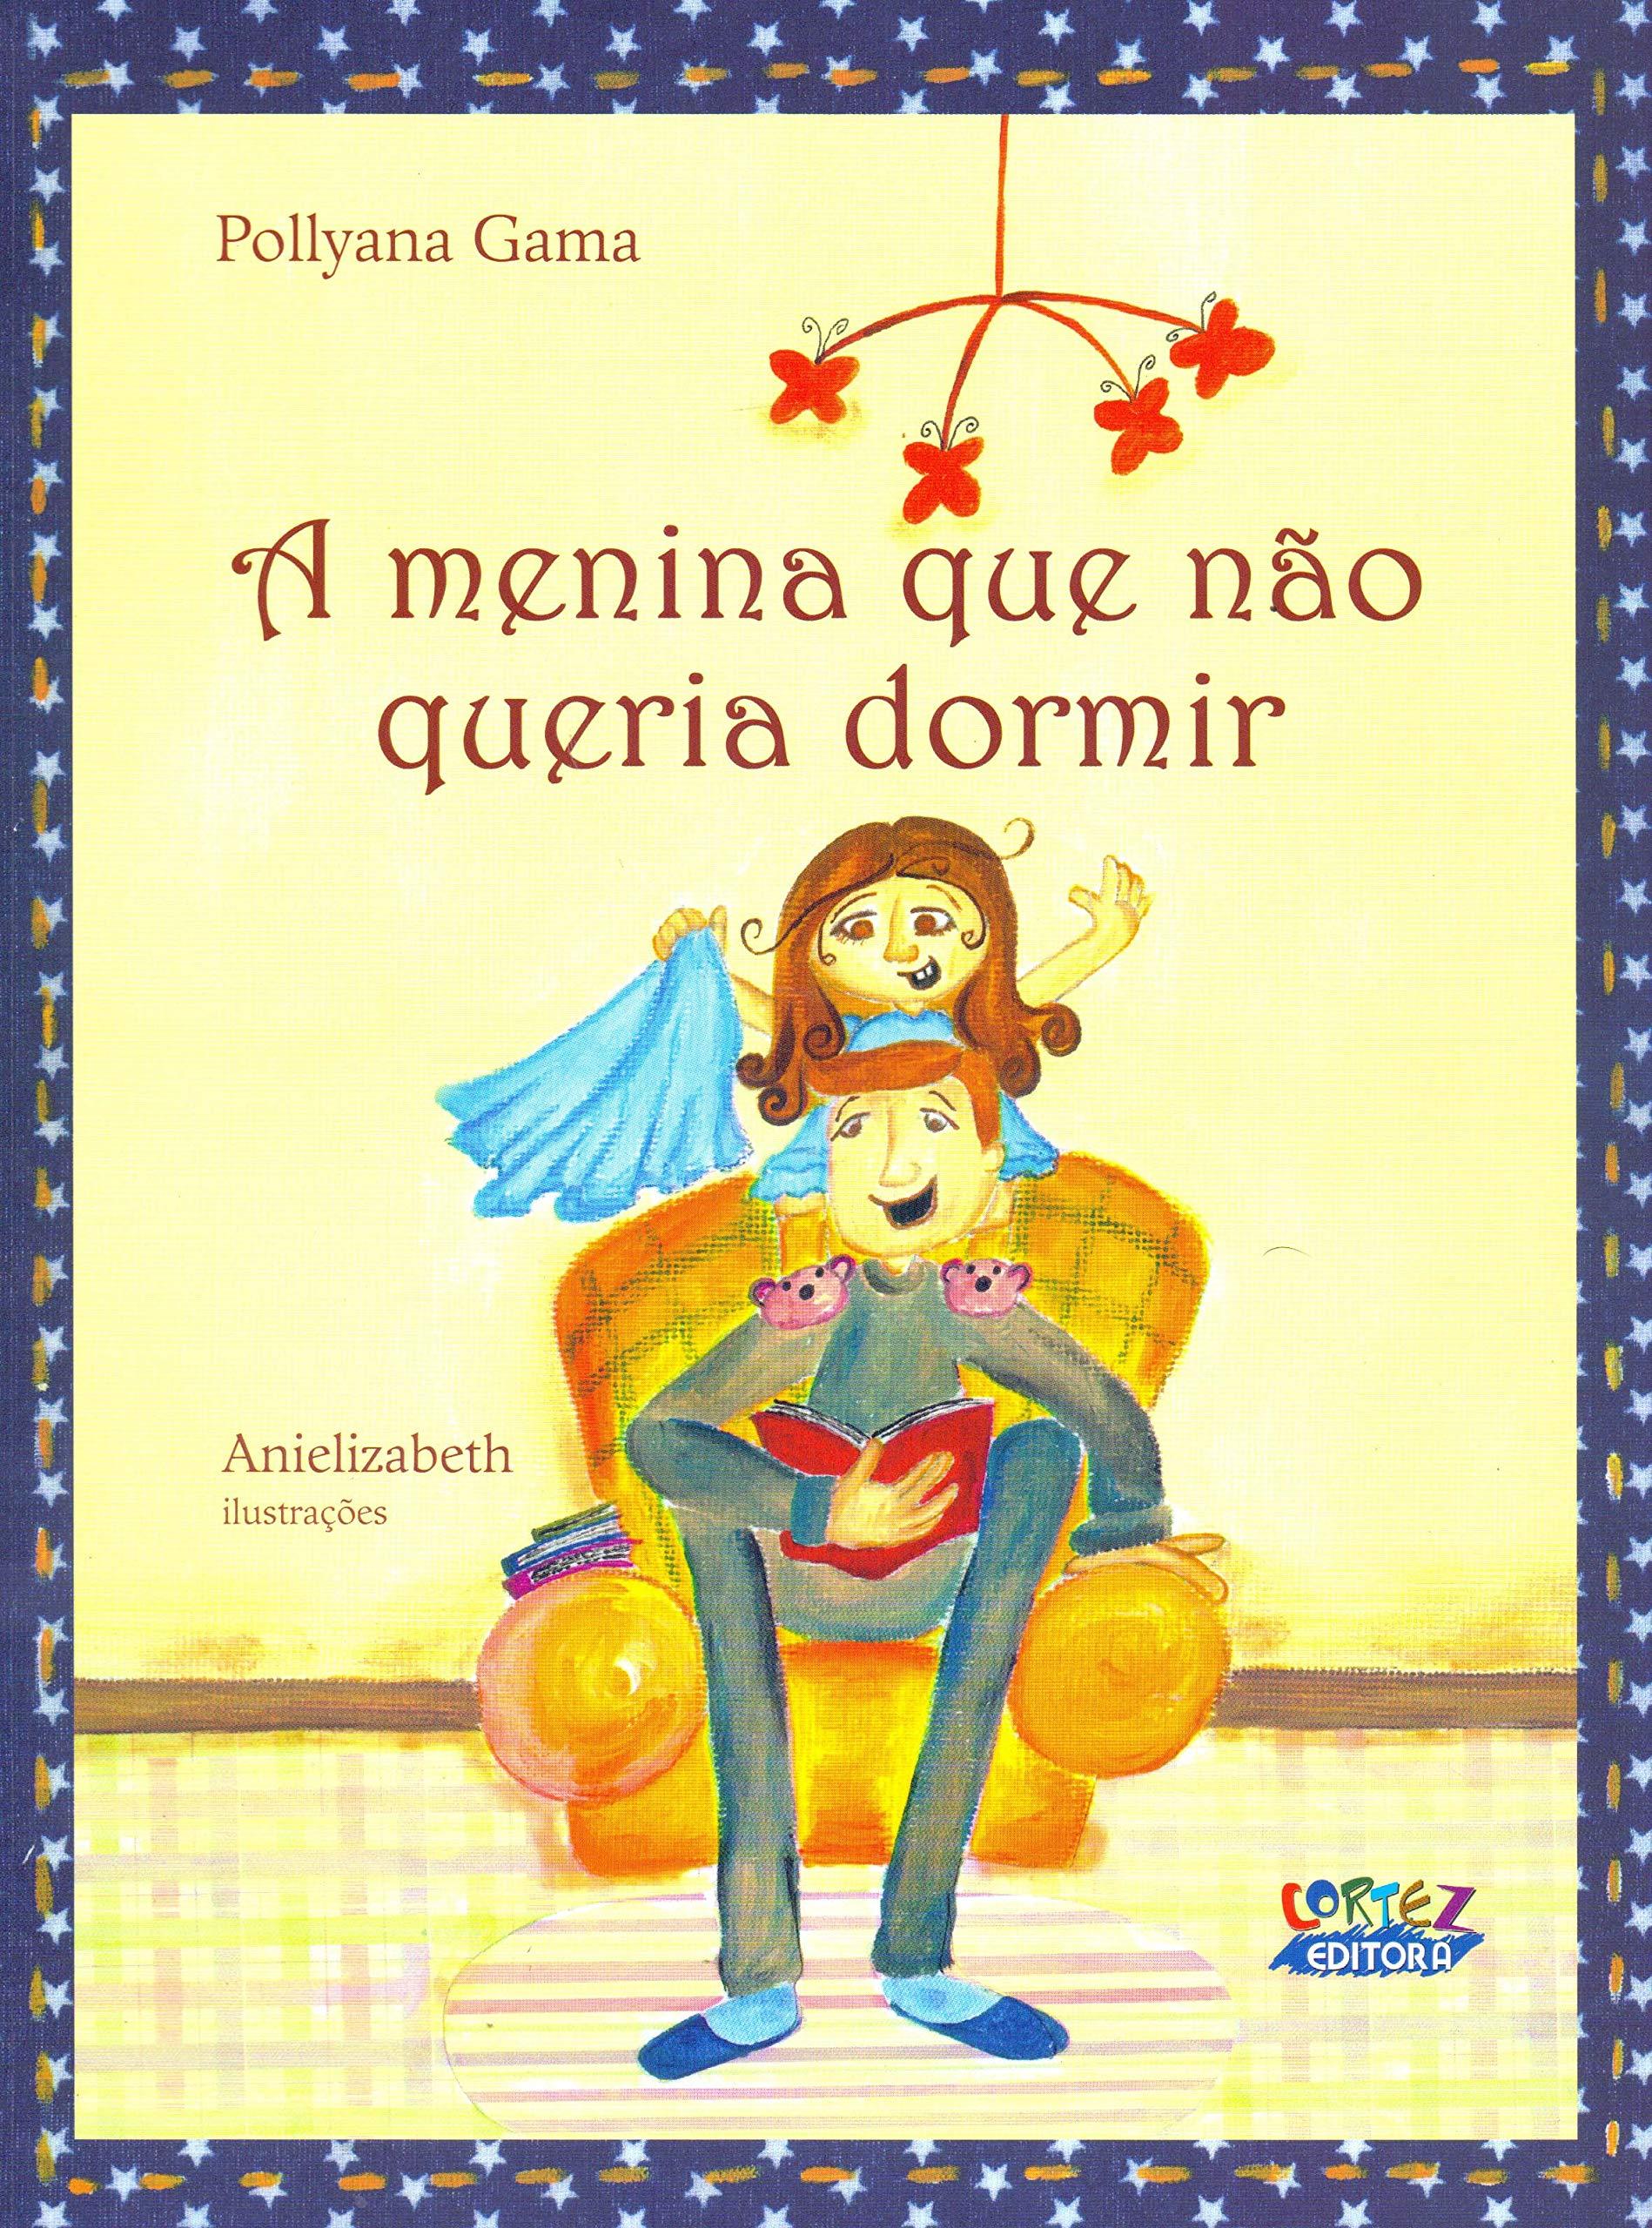 A menina que não queria dormir, livro de Pollyana Gama, Anielizabeth [ilustrações]